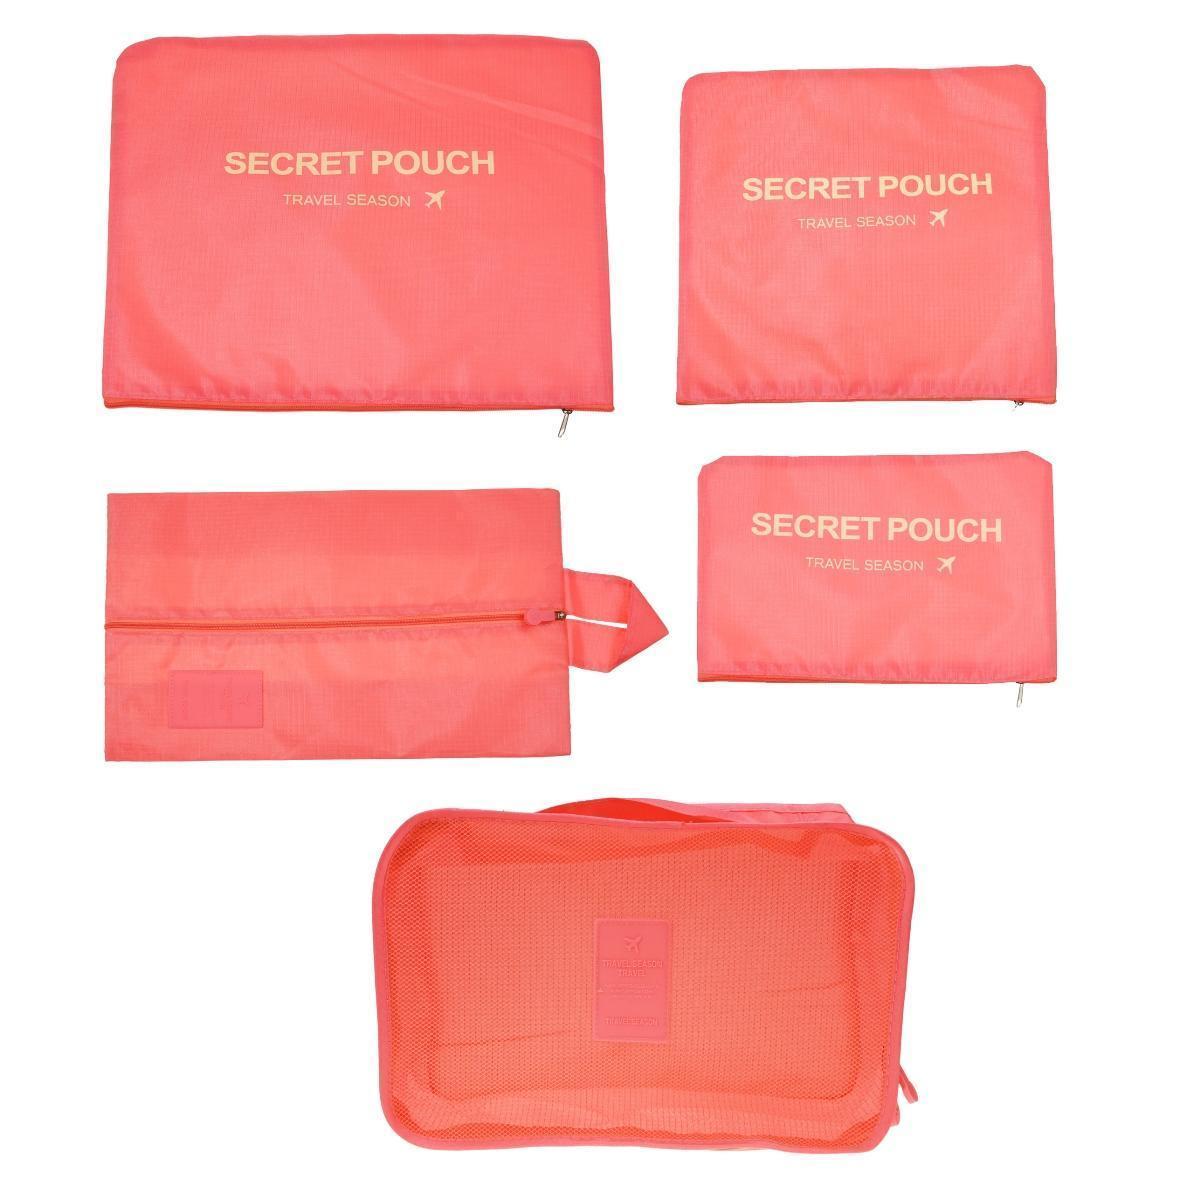 Набор органайзеров для путешествий SECRET POUCH 7 предметов Розовый (56940001)